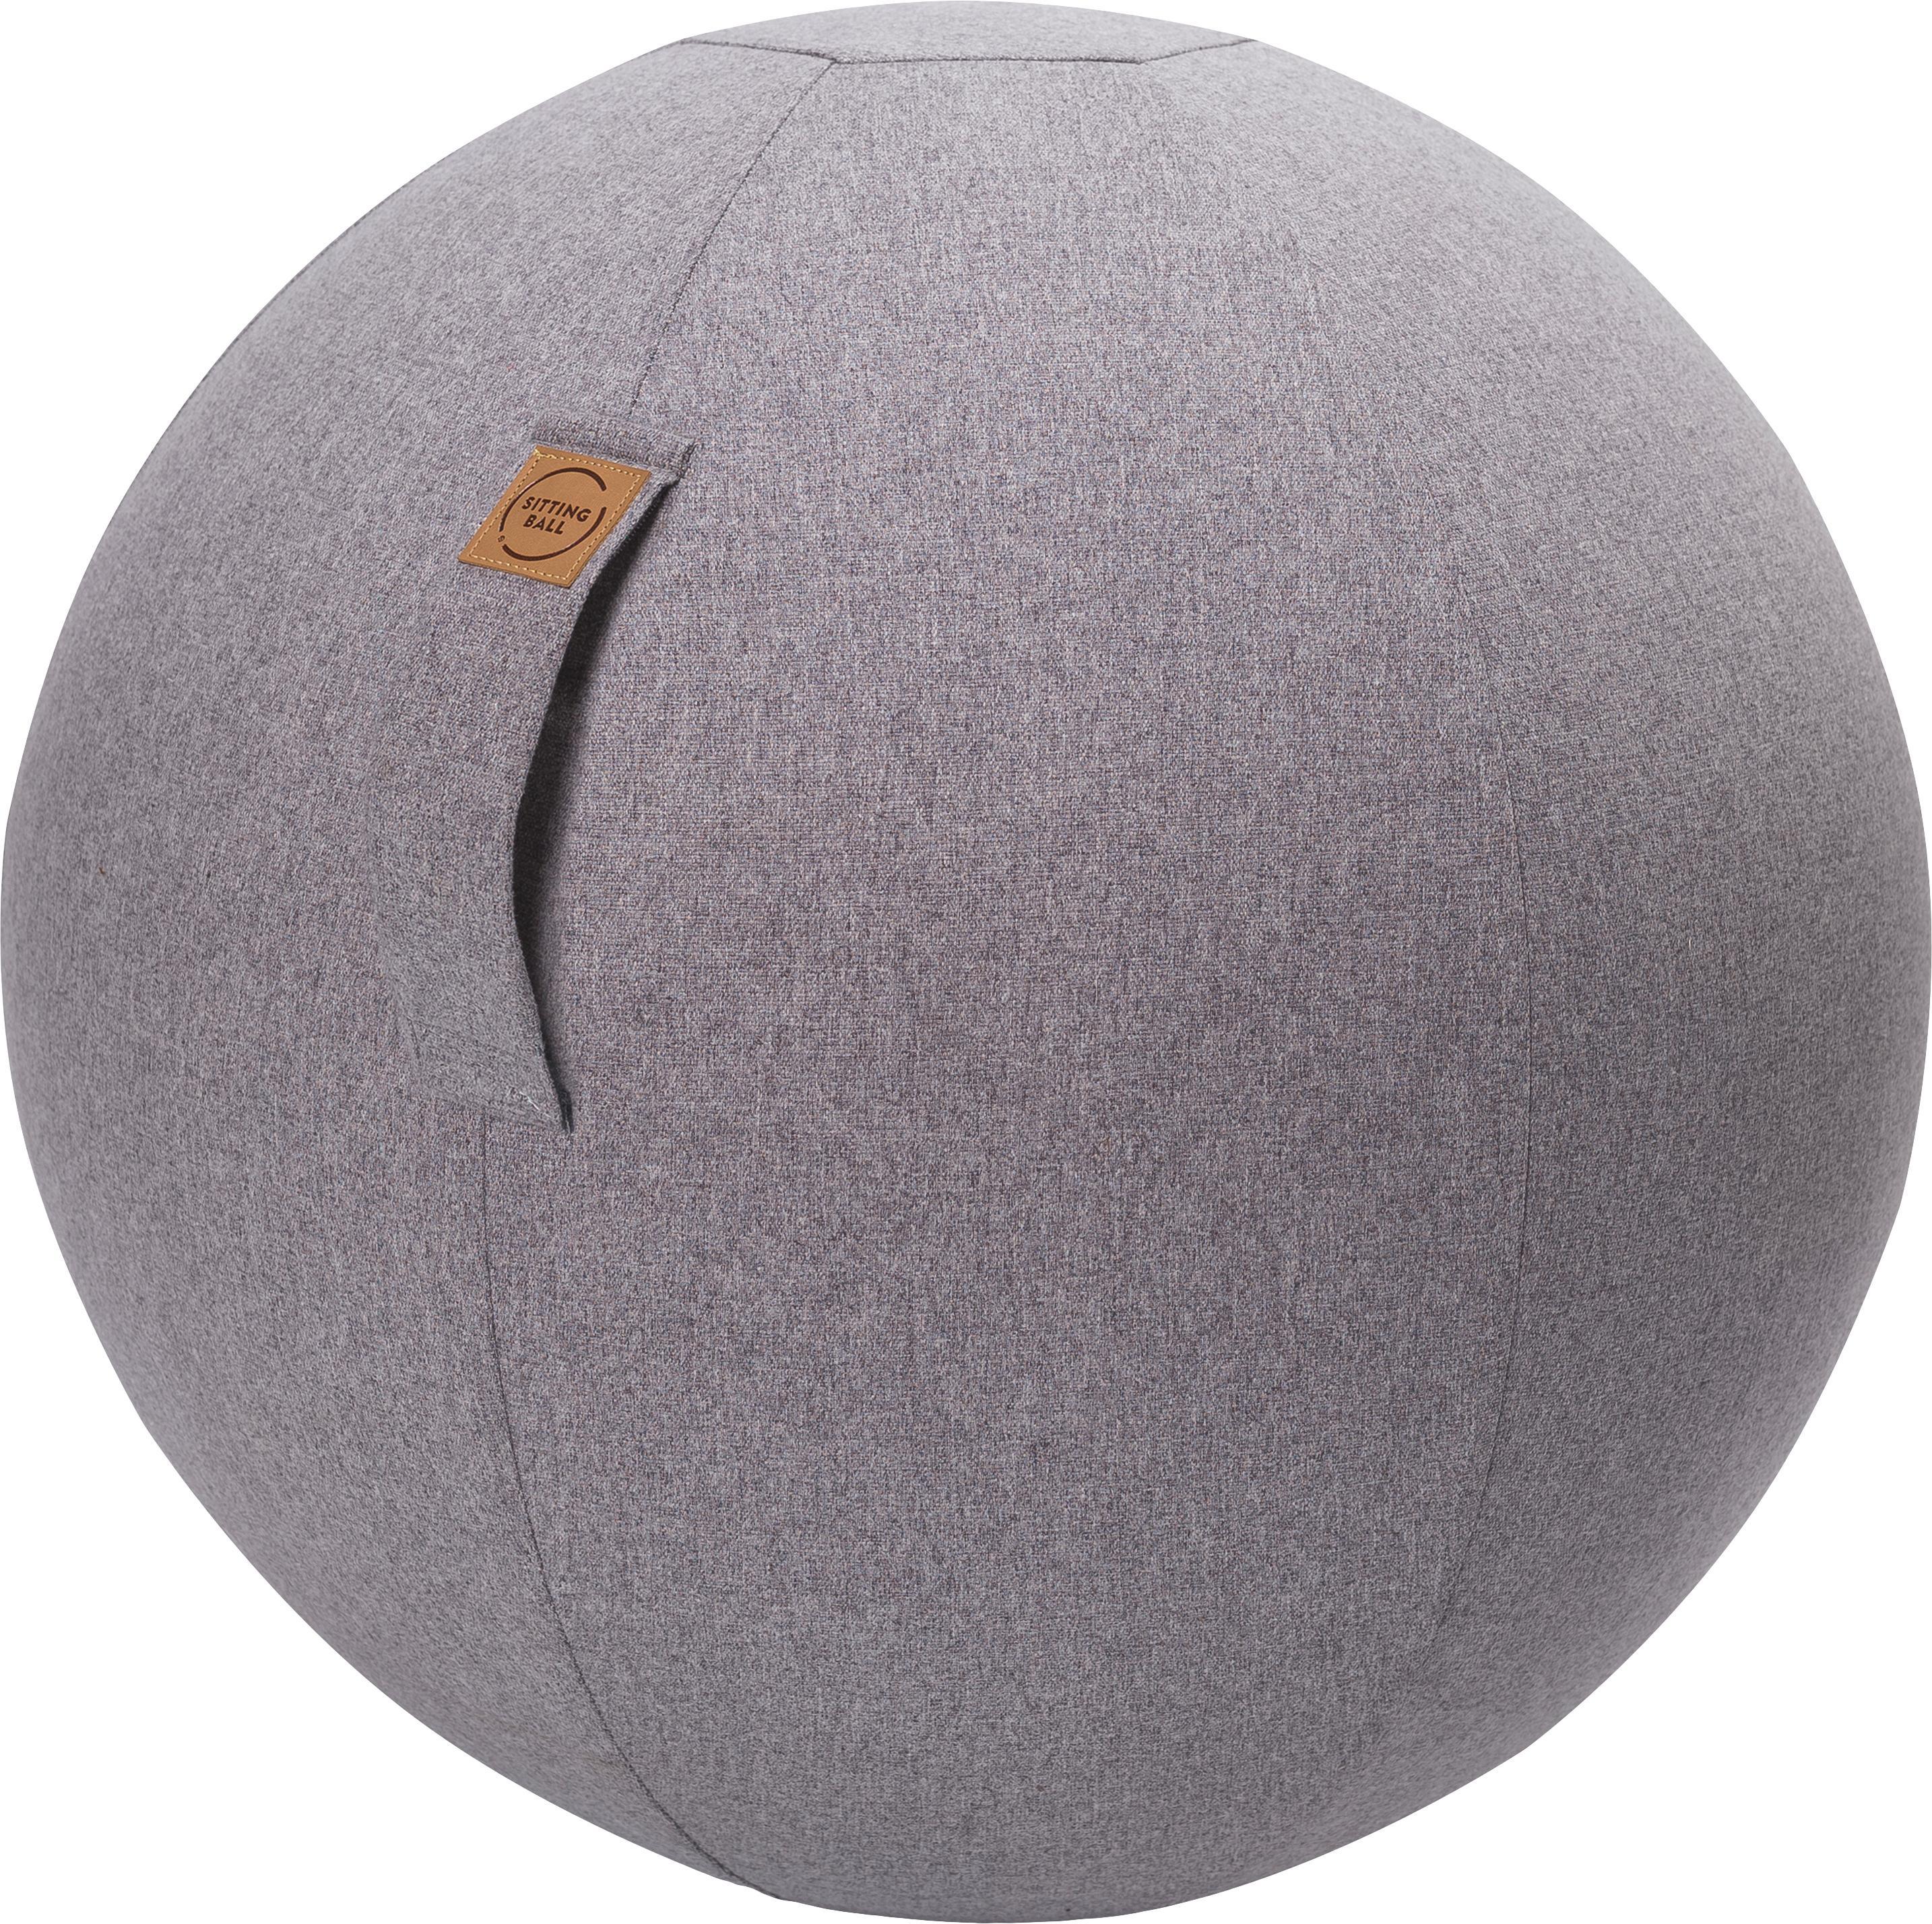 Seduta a sfera Felt, Rivestimento: poliestere (imitazione fe, Grigio chiaro, Ø 65 cm